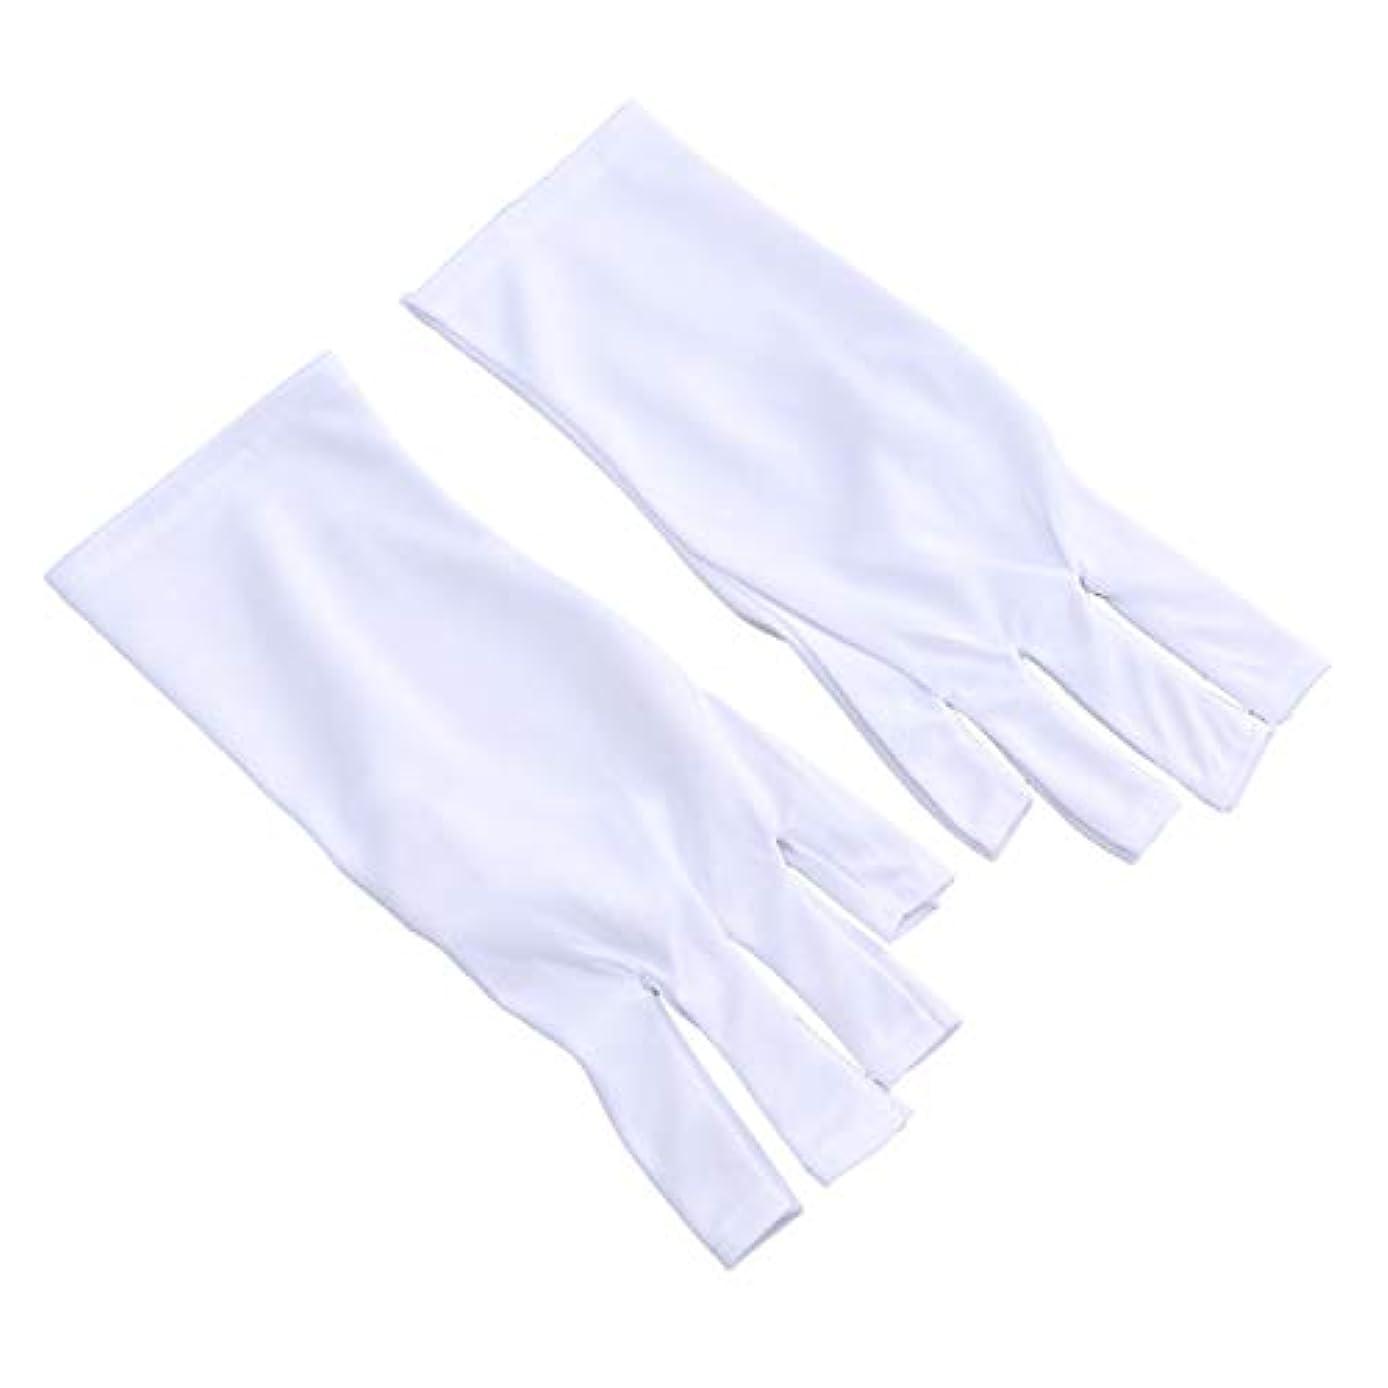 ブラケットコンパス土地Frcolor 抗uv手袋 ネイル 手袋 ネイルアート グローブ ジェルネイル用 紫外線防止 マニキュアドライヤーツール 2ペア(25cm ショートホワイトUVグローブ)